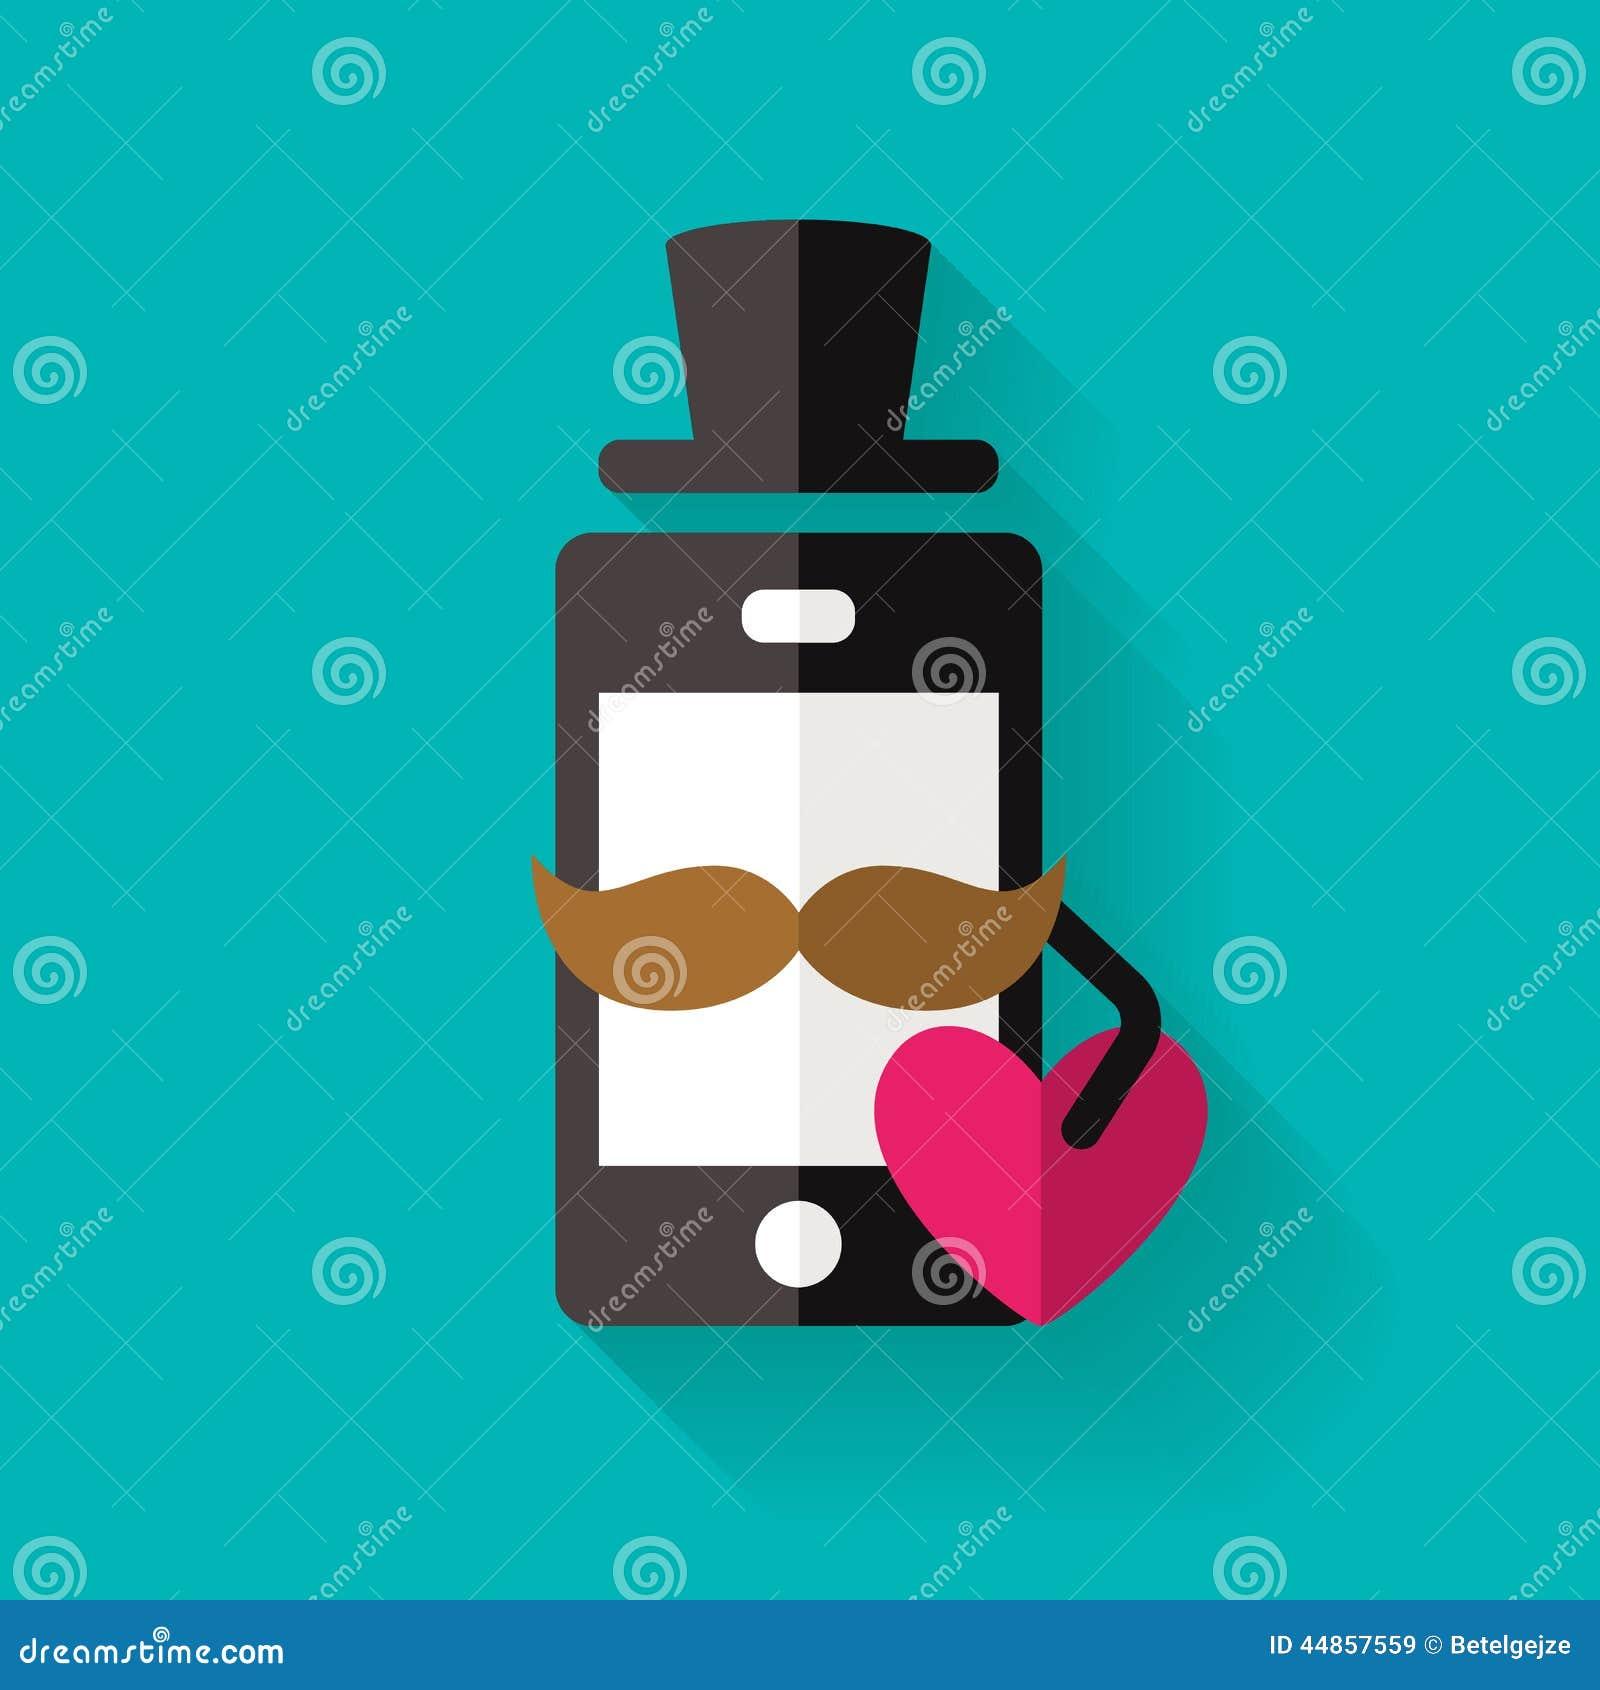 El icono del teléfono móvil del inconformista con el bigote y el corazón, vector s plano